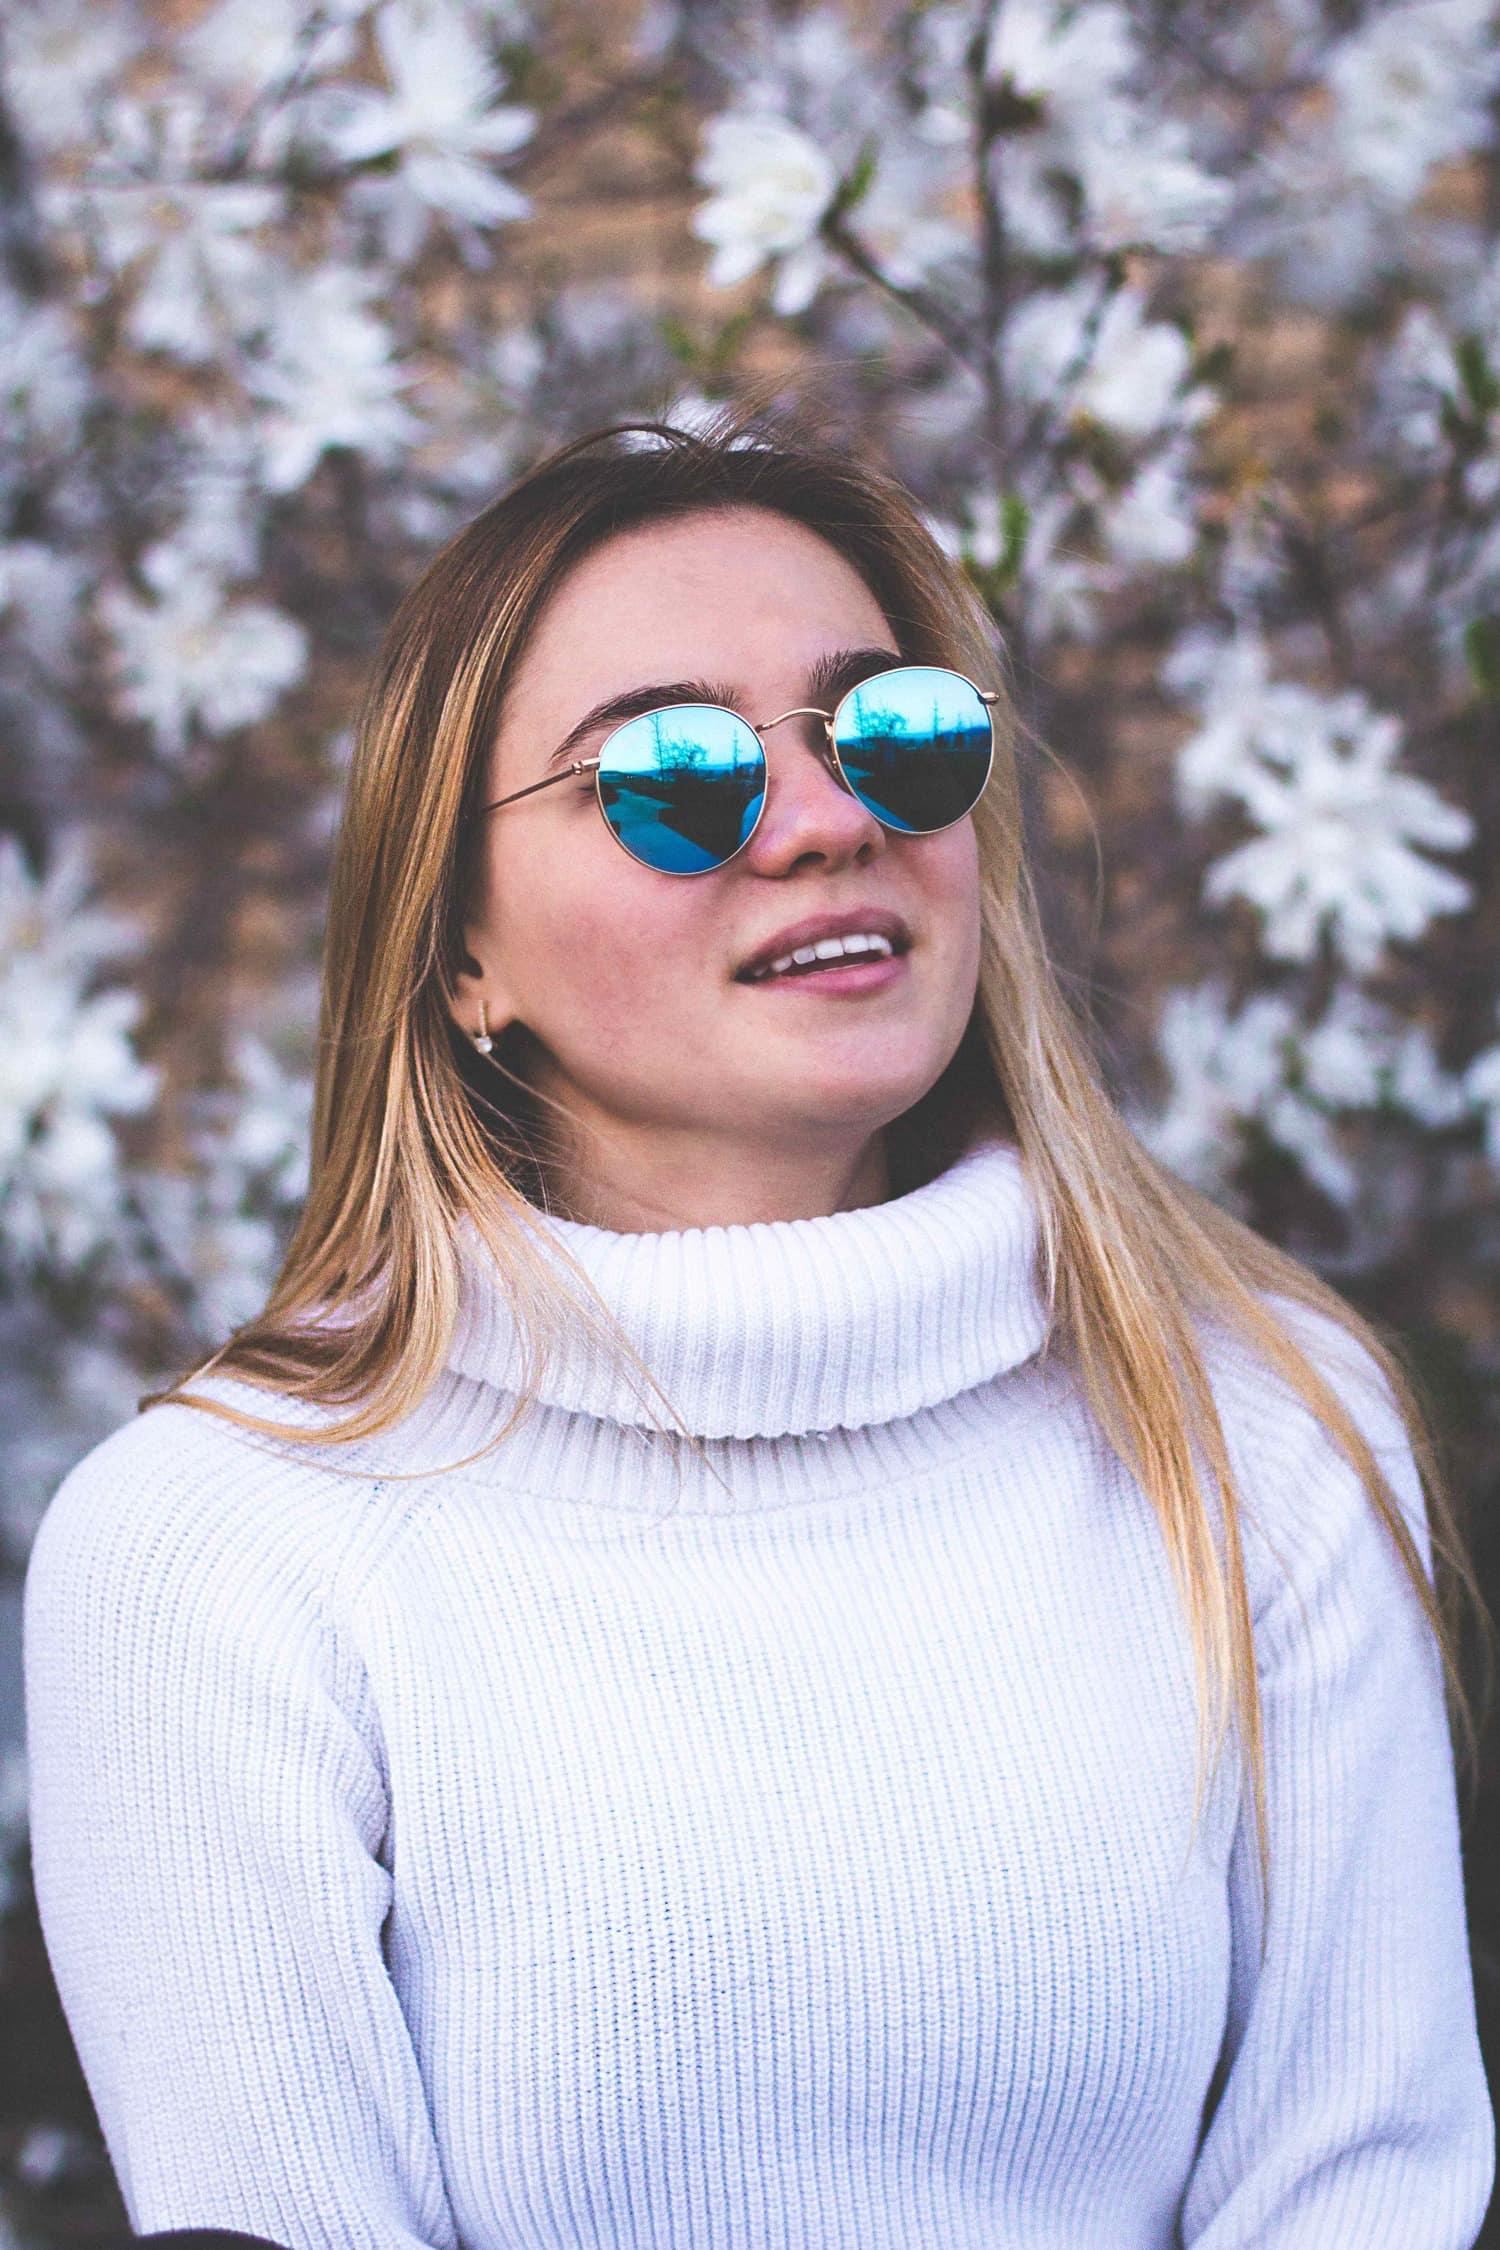 Retrato de chica joven con gafas de sol